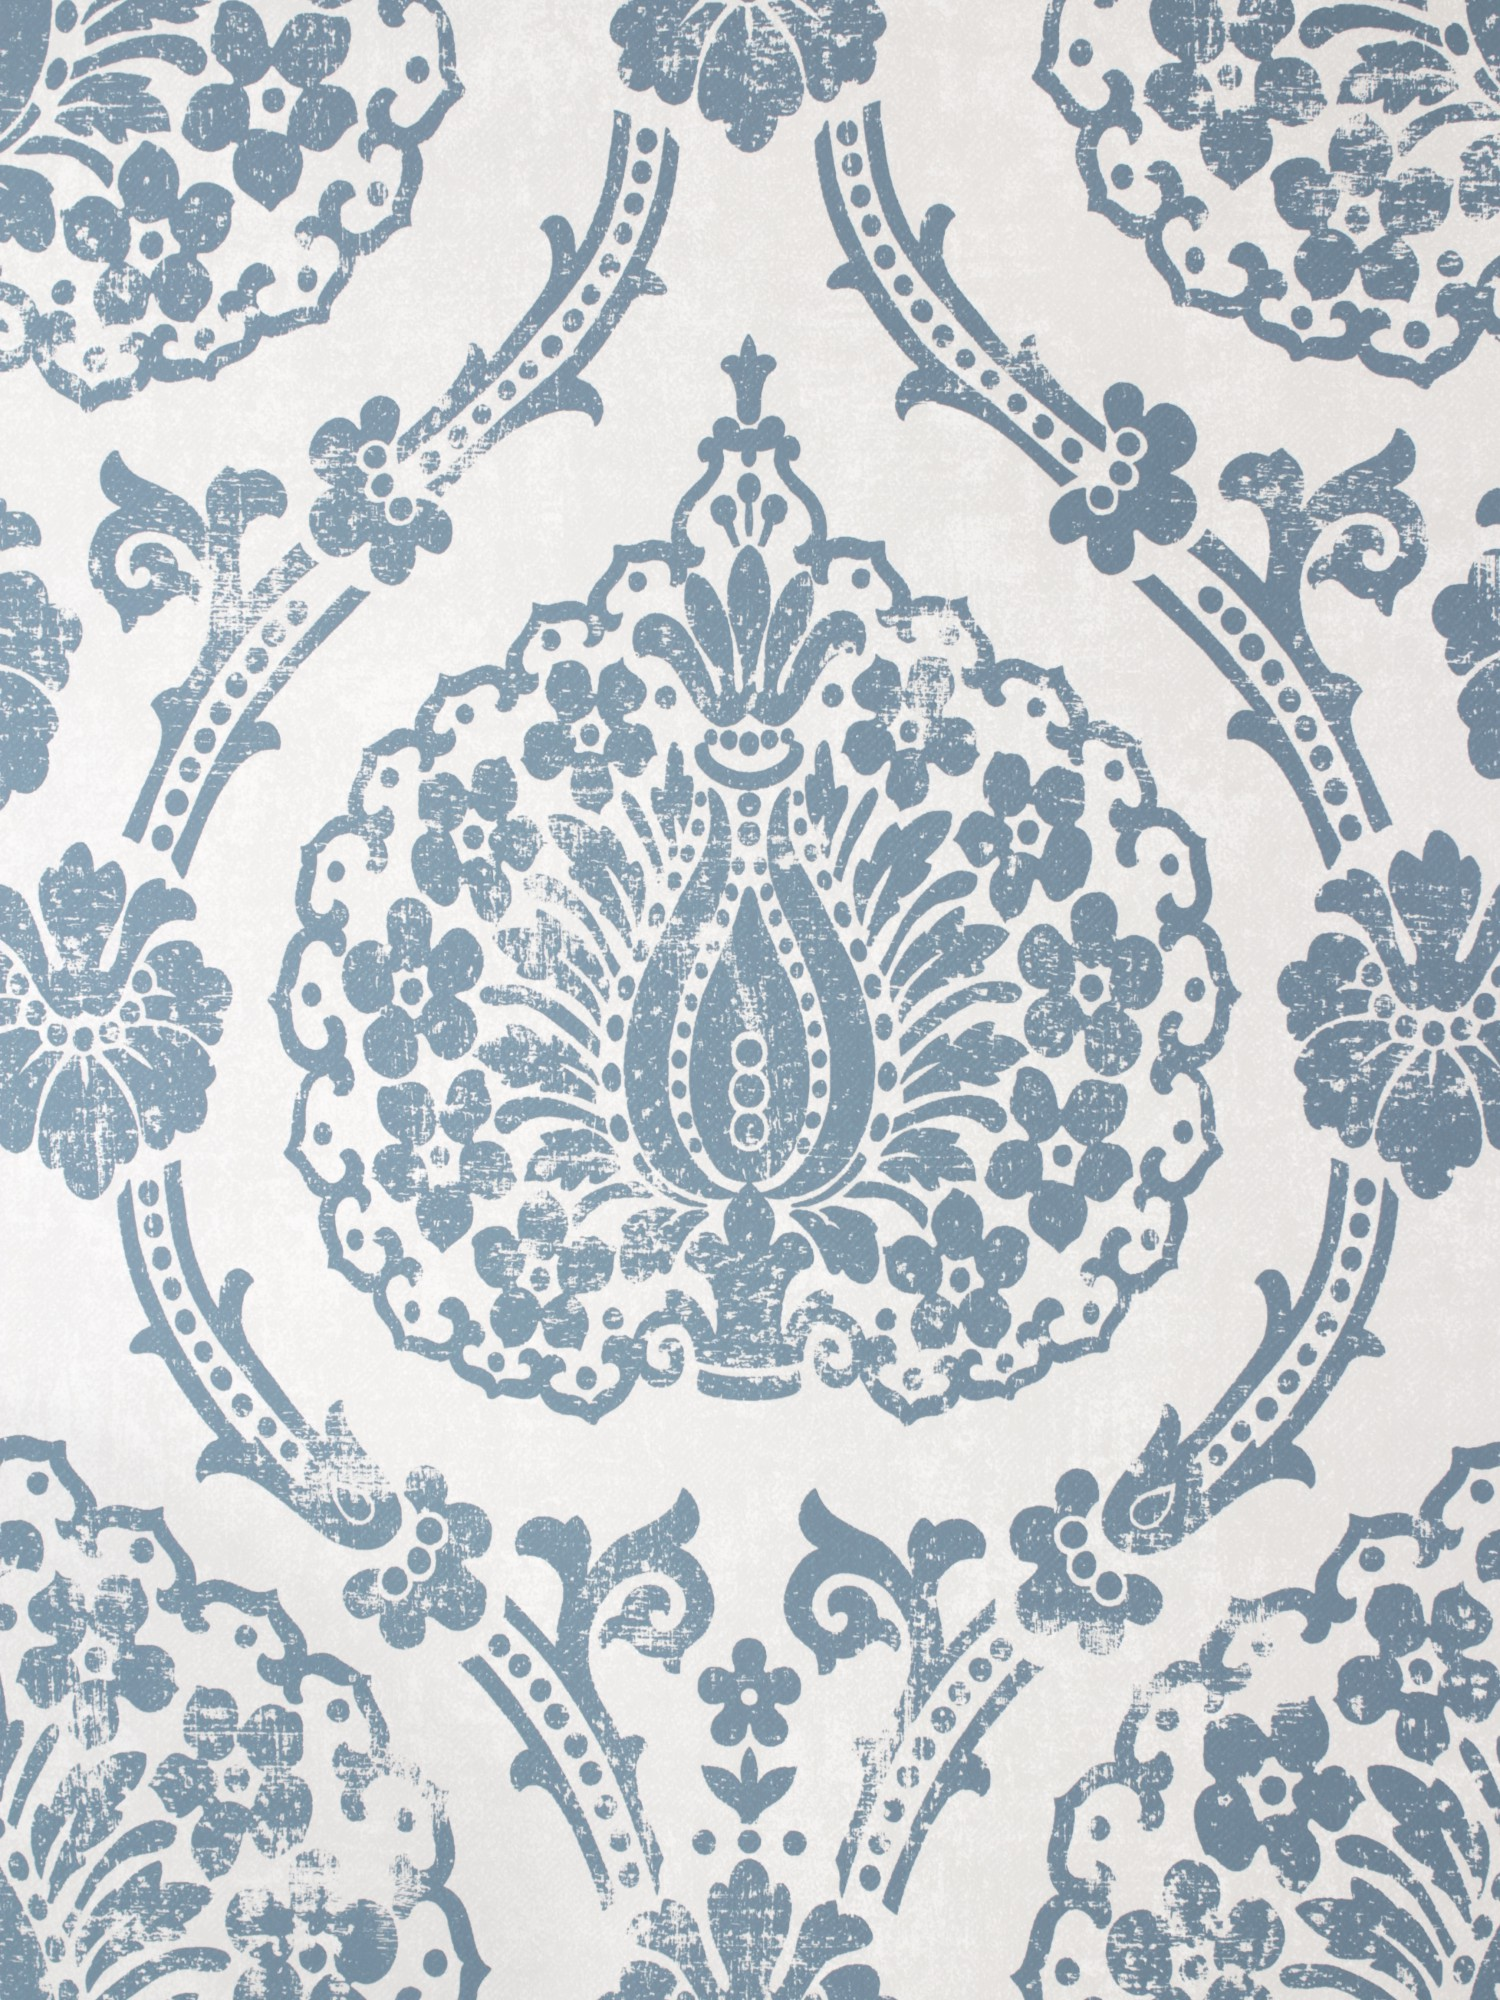 vliestapete scandinavian vintage marburg 51651 blau. Black Bedroom Furniture Sets. Home Design Ideas